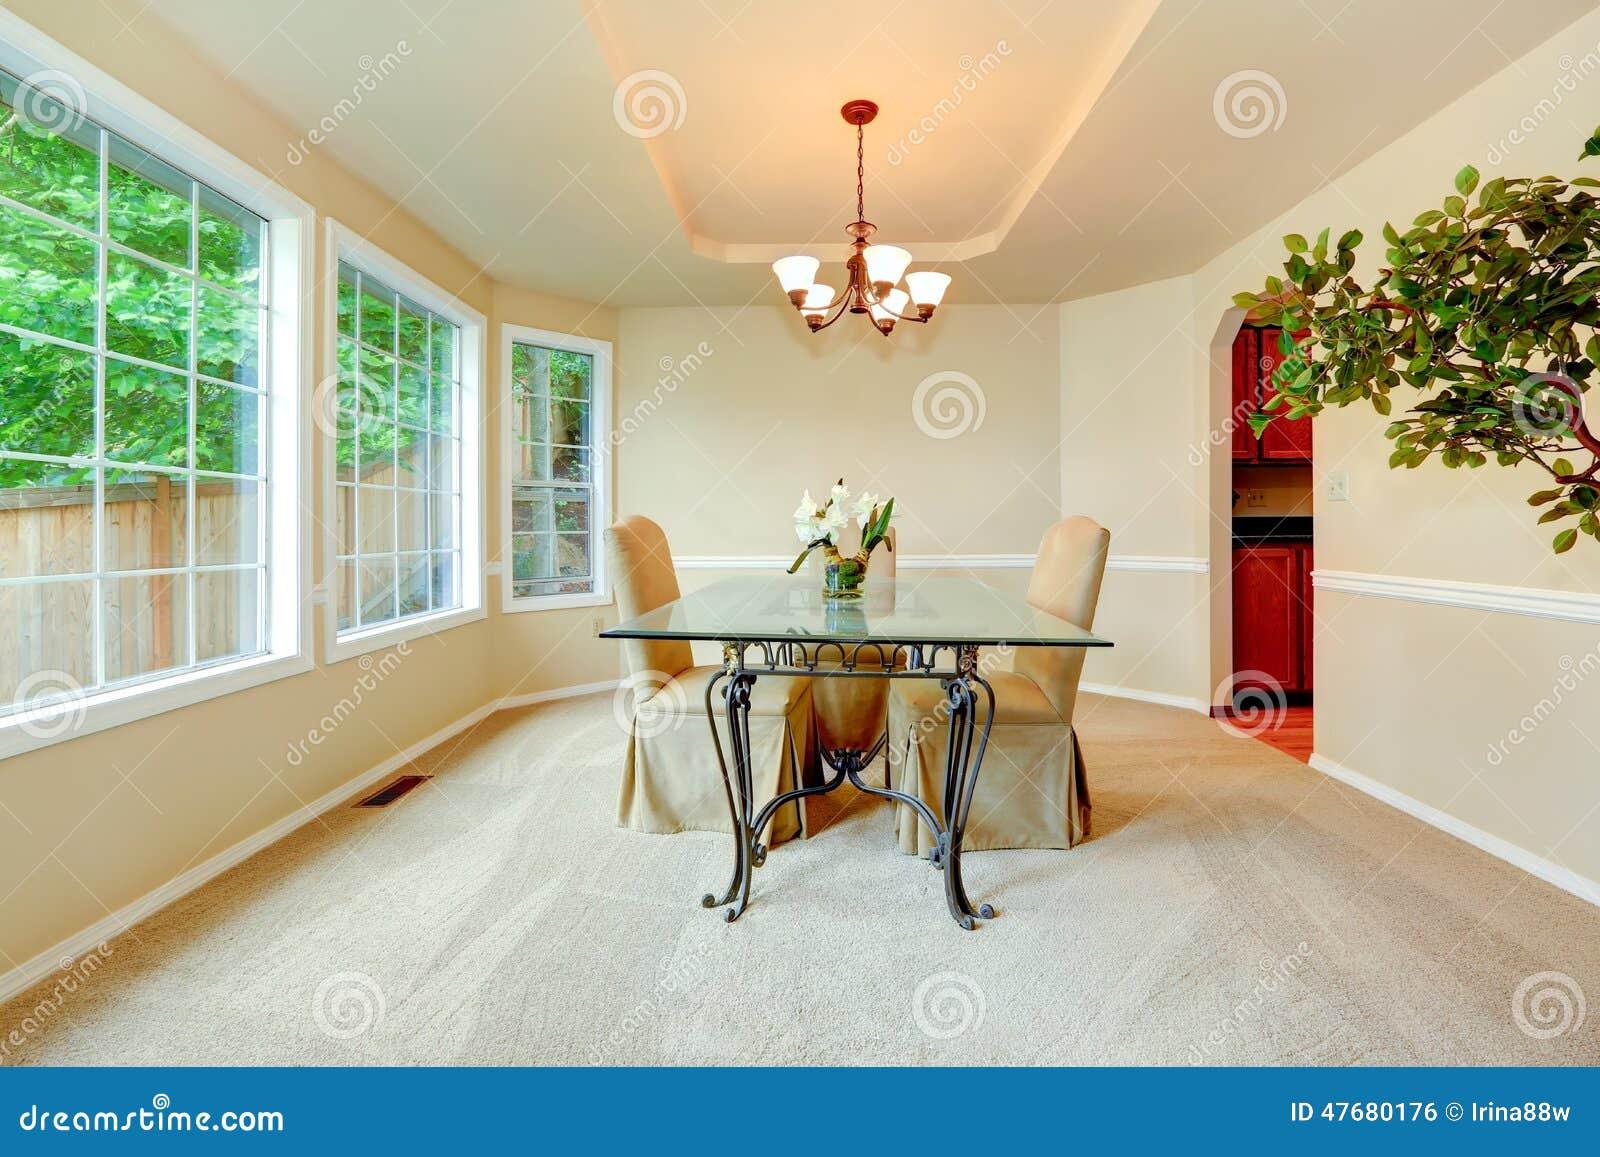 Attirant Salle à Manger De Luxe Avec La Porte Fenêtre, Les Murs Ens Ivoire Avec Les  Bâtis Blancs Et Lu0027ensemble élégant De Table De Salle à Manger